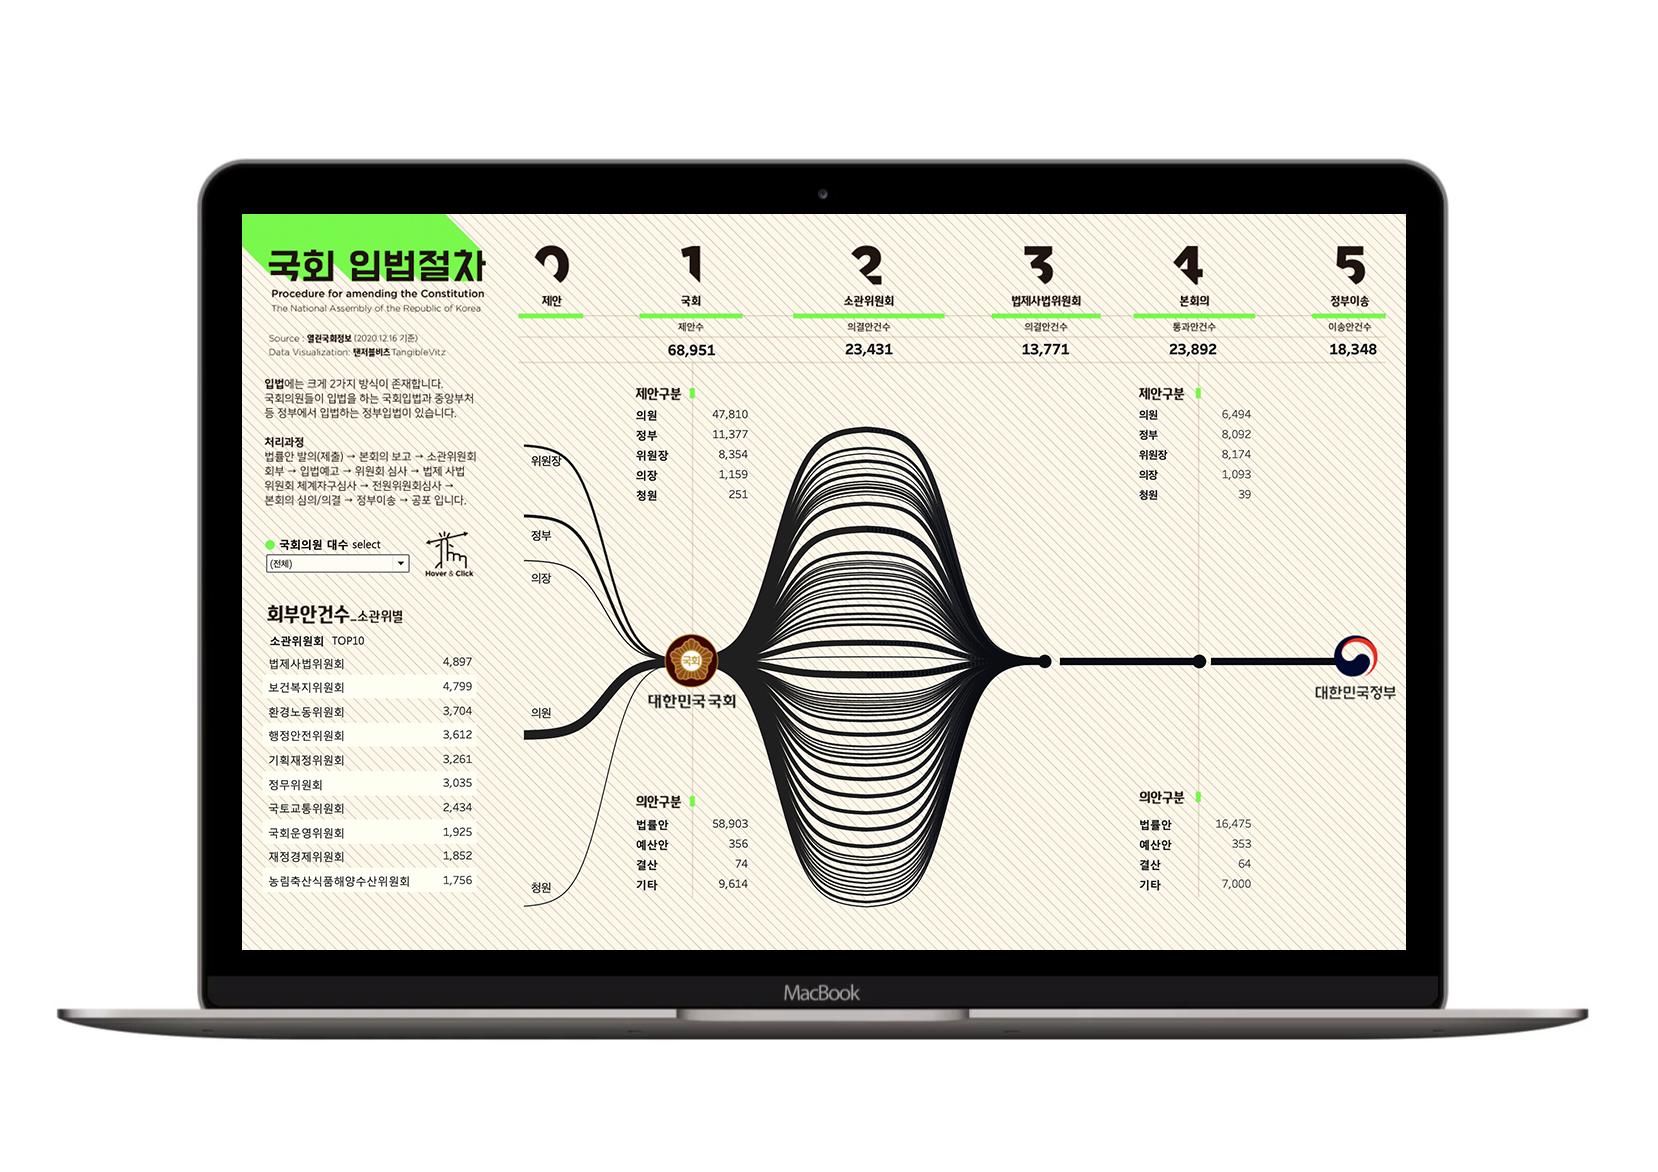 국회입법절차 데이터시각화 by 탠저블비츠